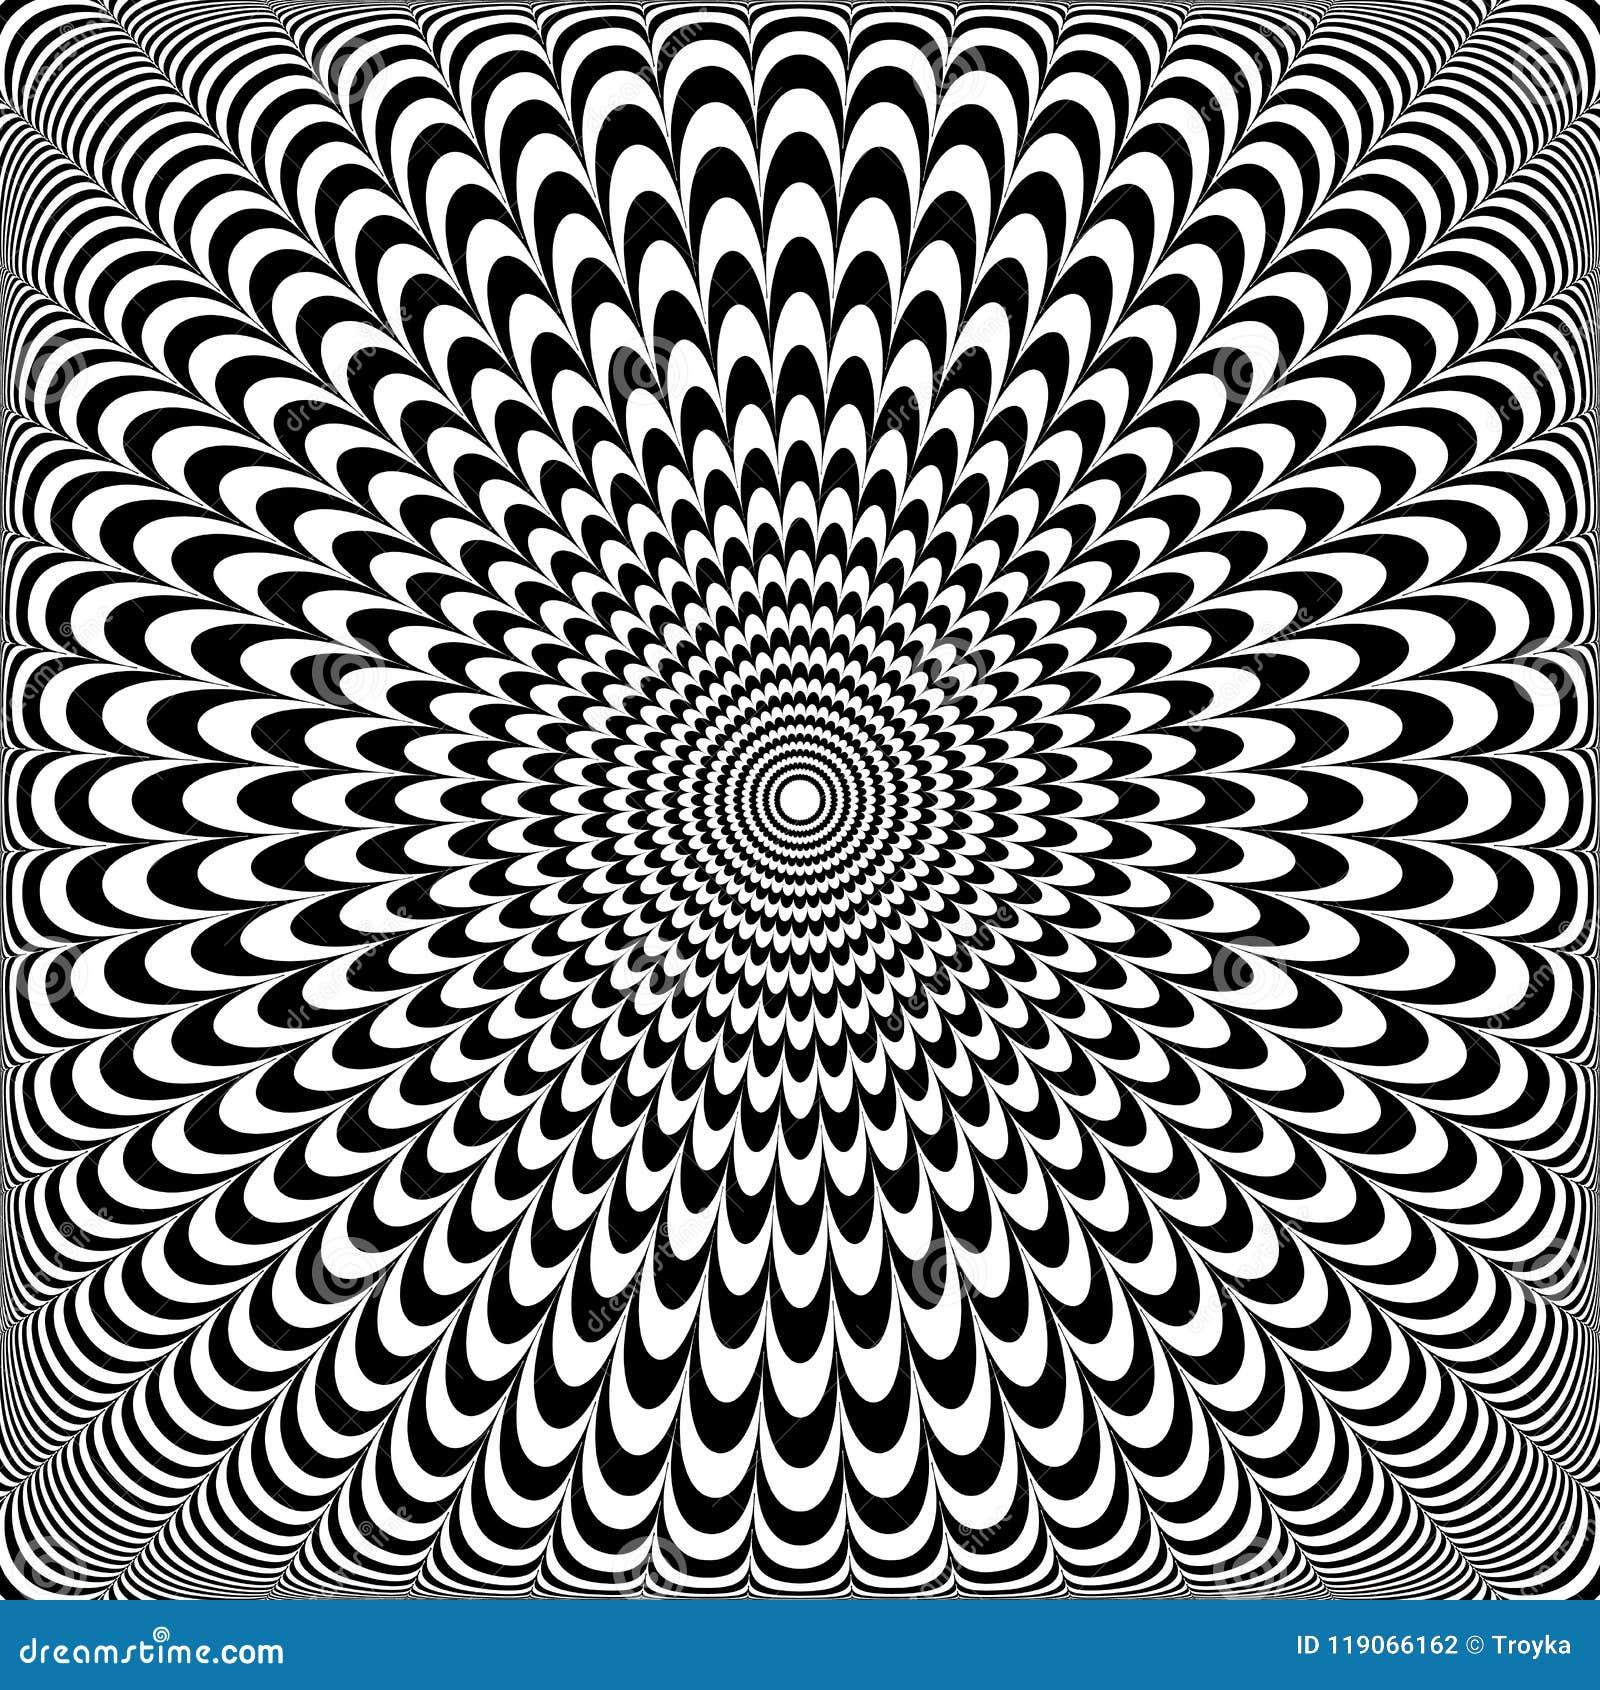 Disegno Di Illusione Ottica Modello Astratto Di Arte Op